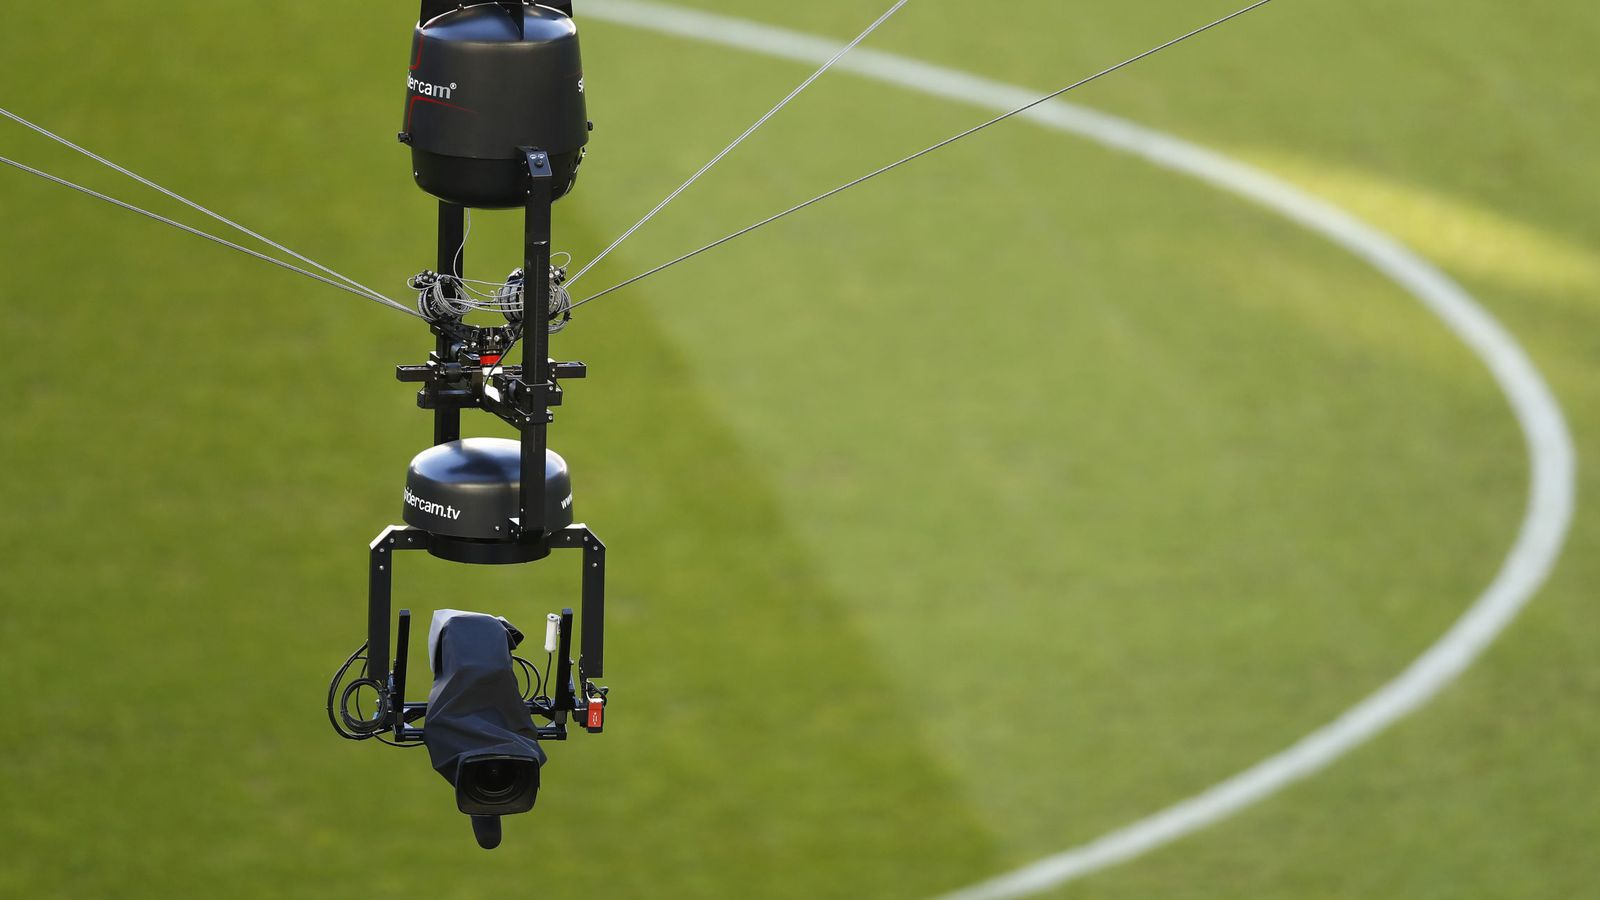 Foto: La Spider Cam, una de las tecnologías más avanzadas. (Reuters)